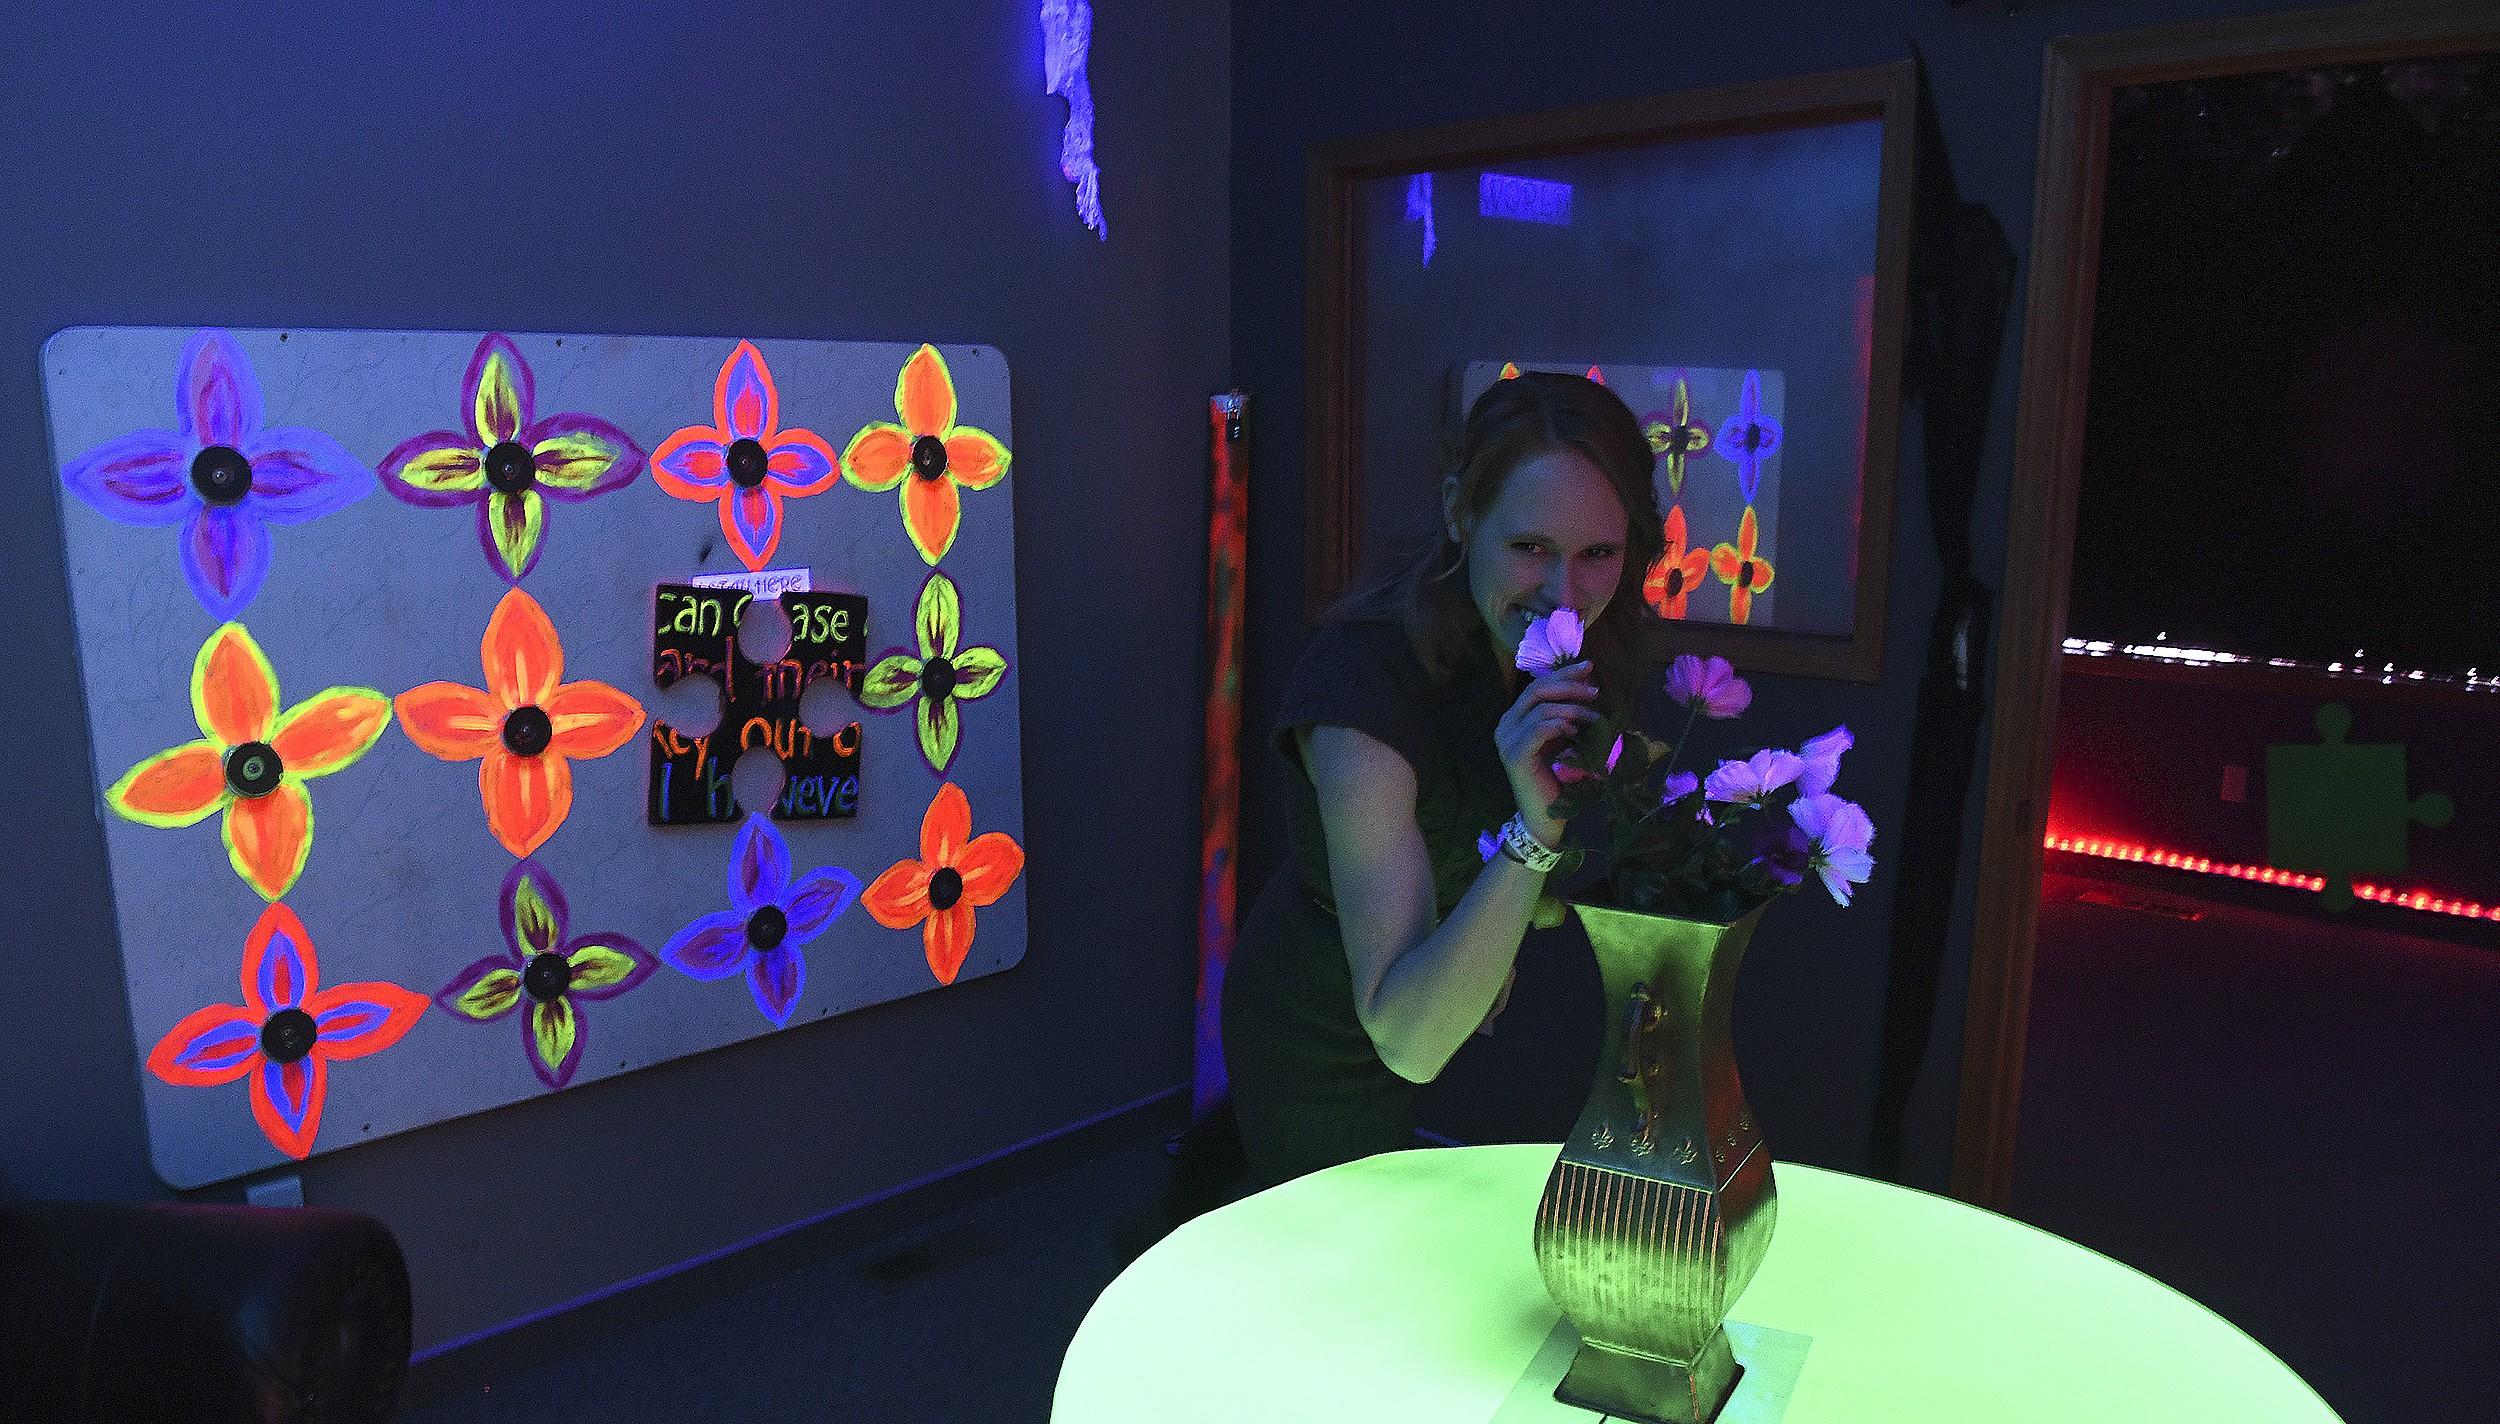 Kristen Legg sniffs the flowers in the Down the Rabbit Hole room. - TRIBUNE/STEVE HANKS